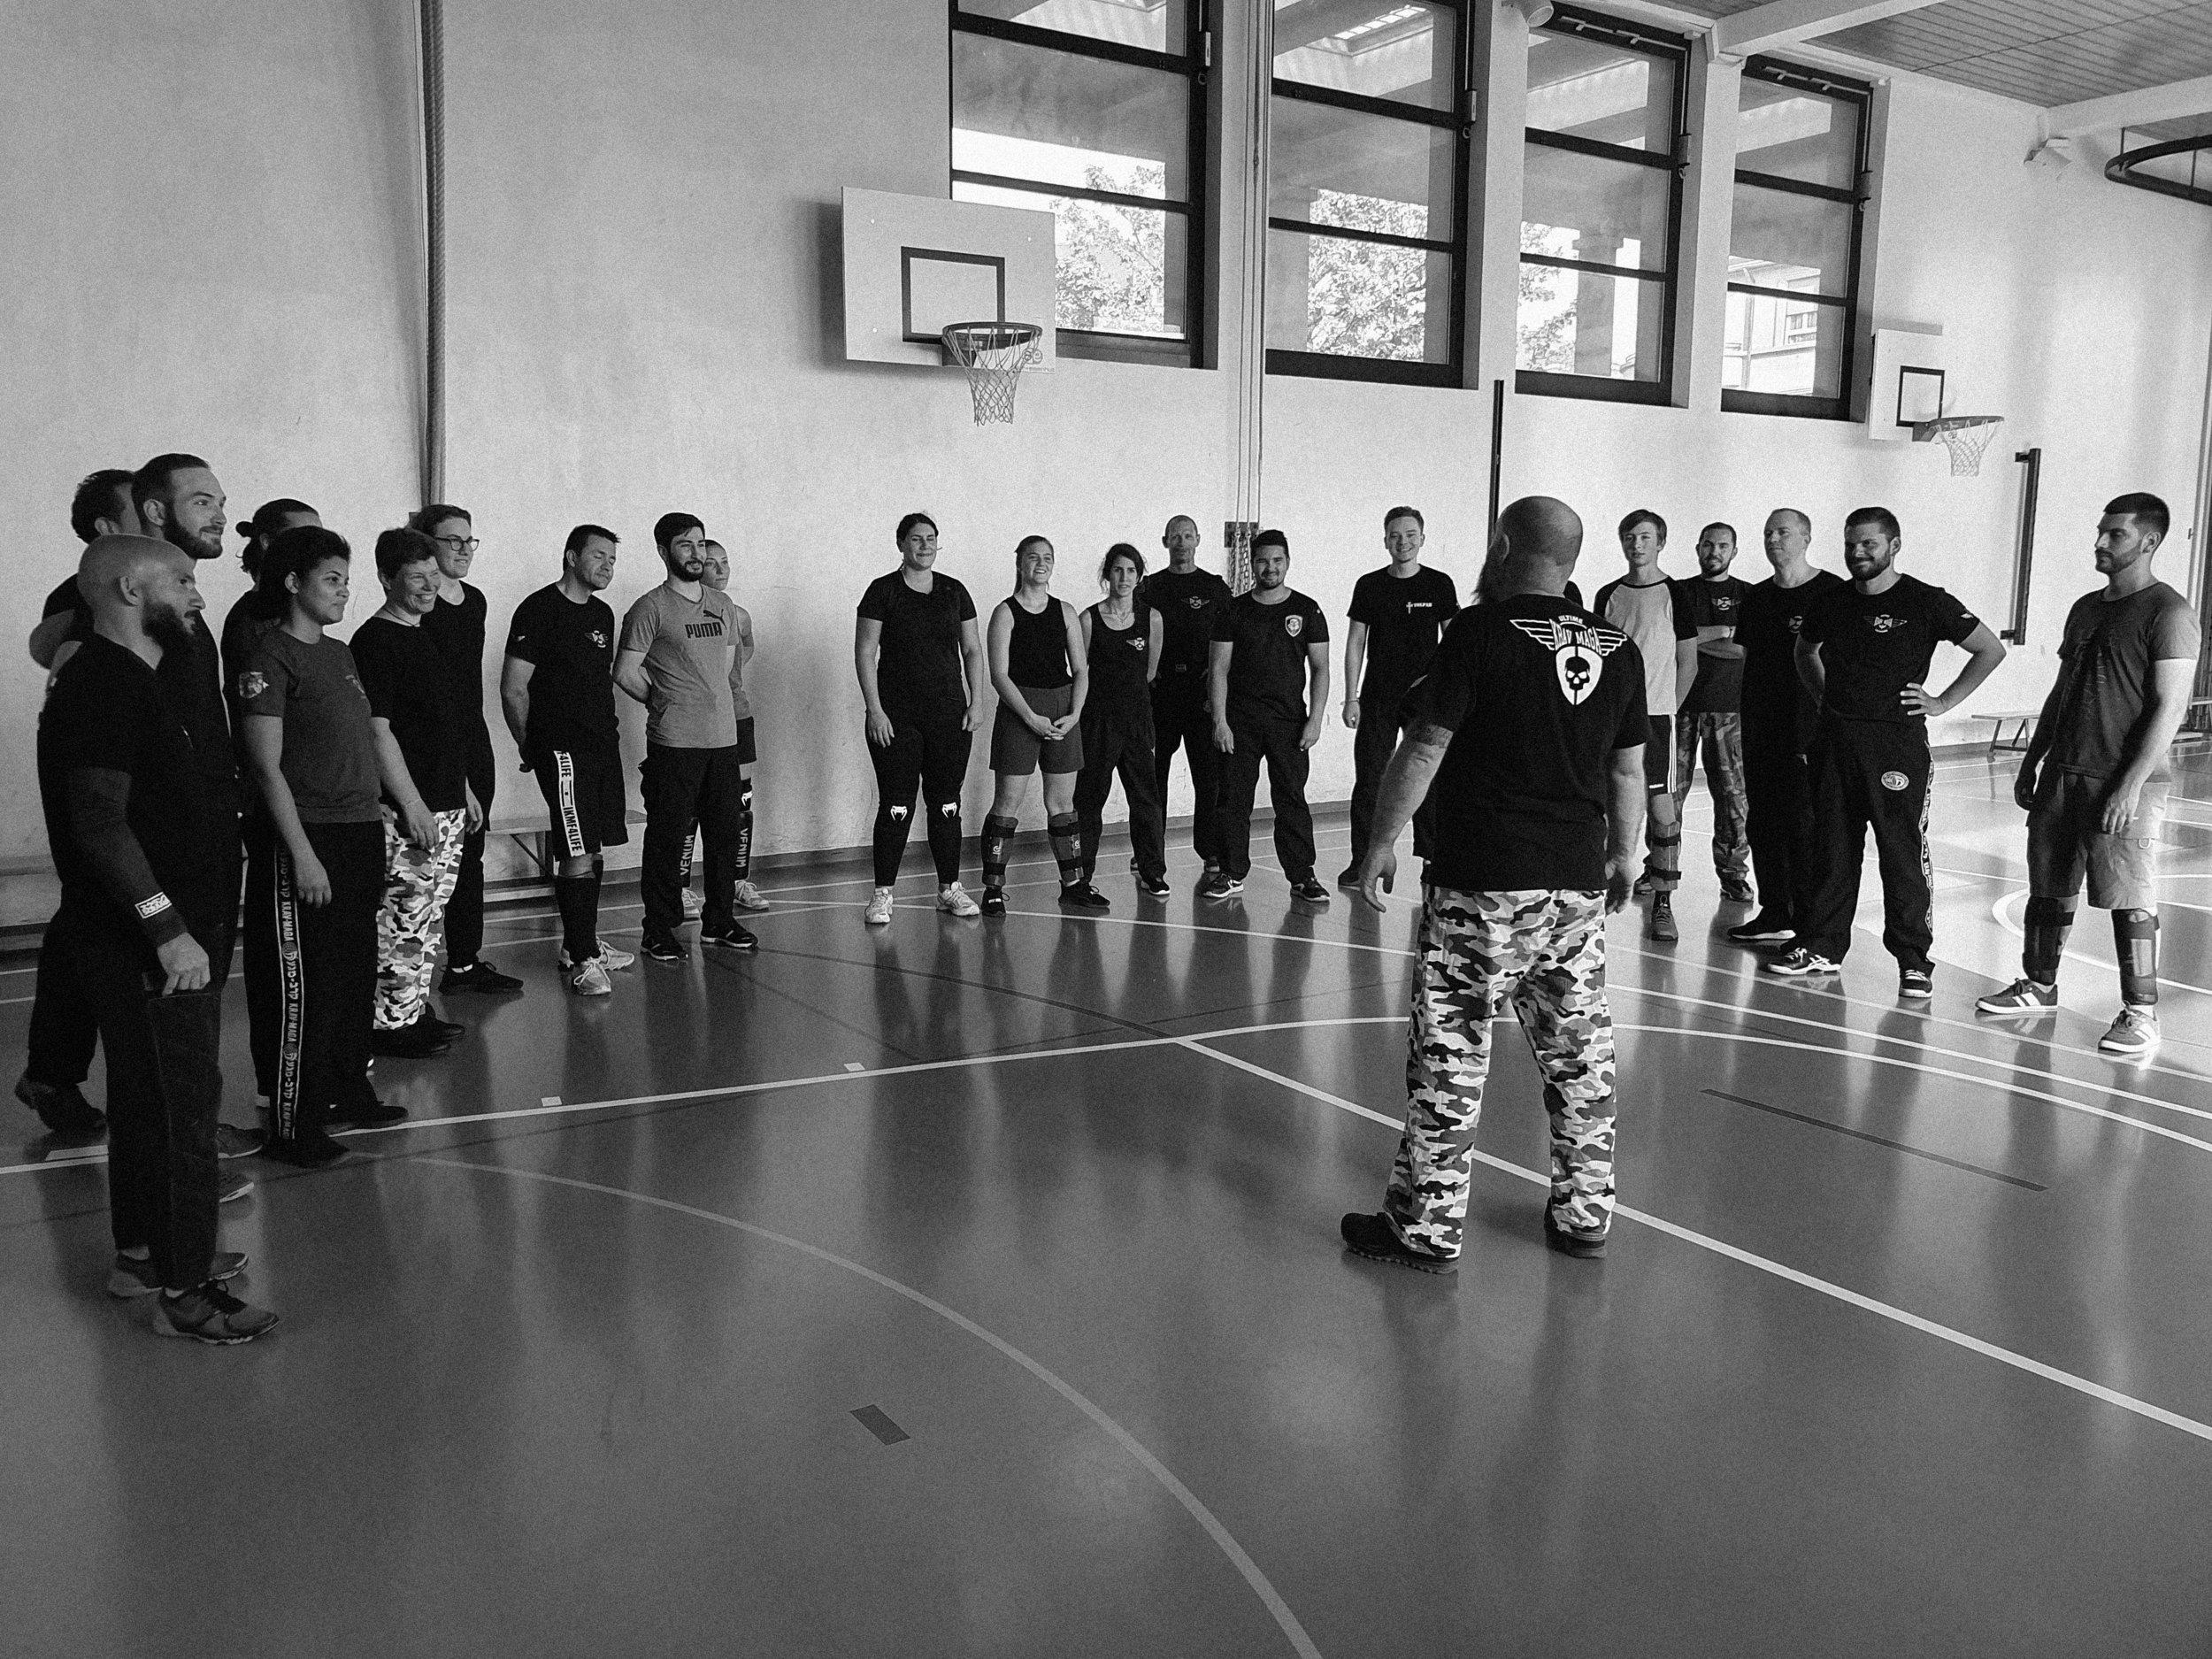 Cours collectifs de Krav Maga Ultime - Durée: 1h30 à 2hCalories: 800 calories/heureInstructeurs: Instructeur Chef / Team d'instruction